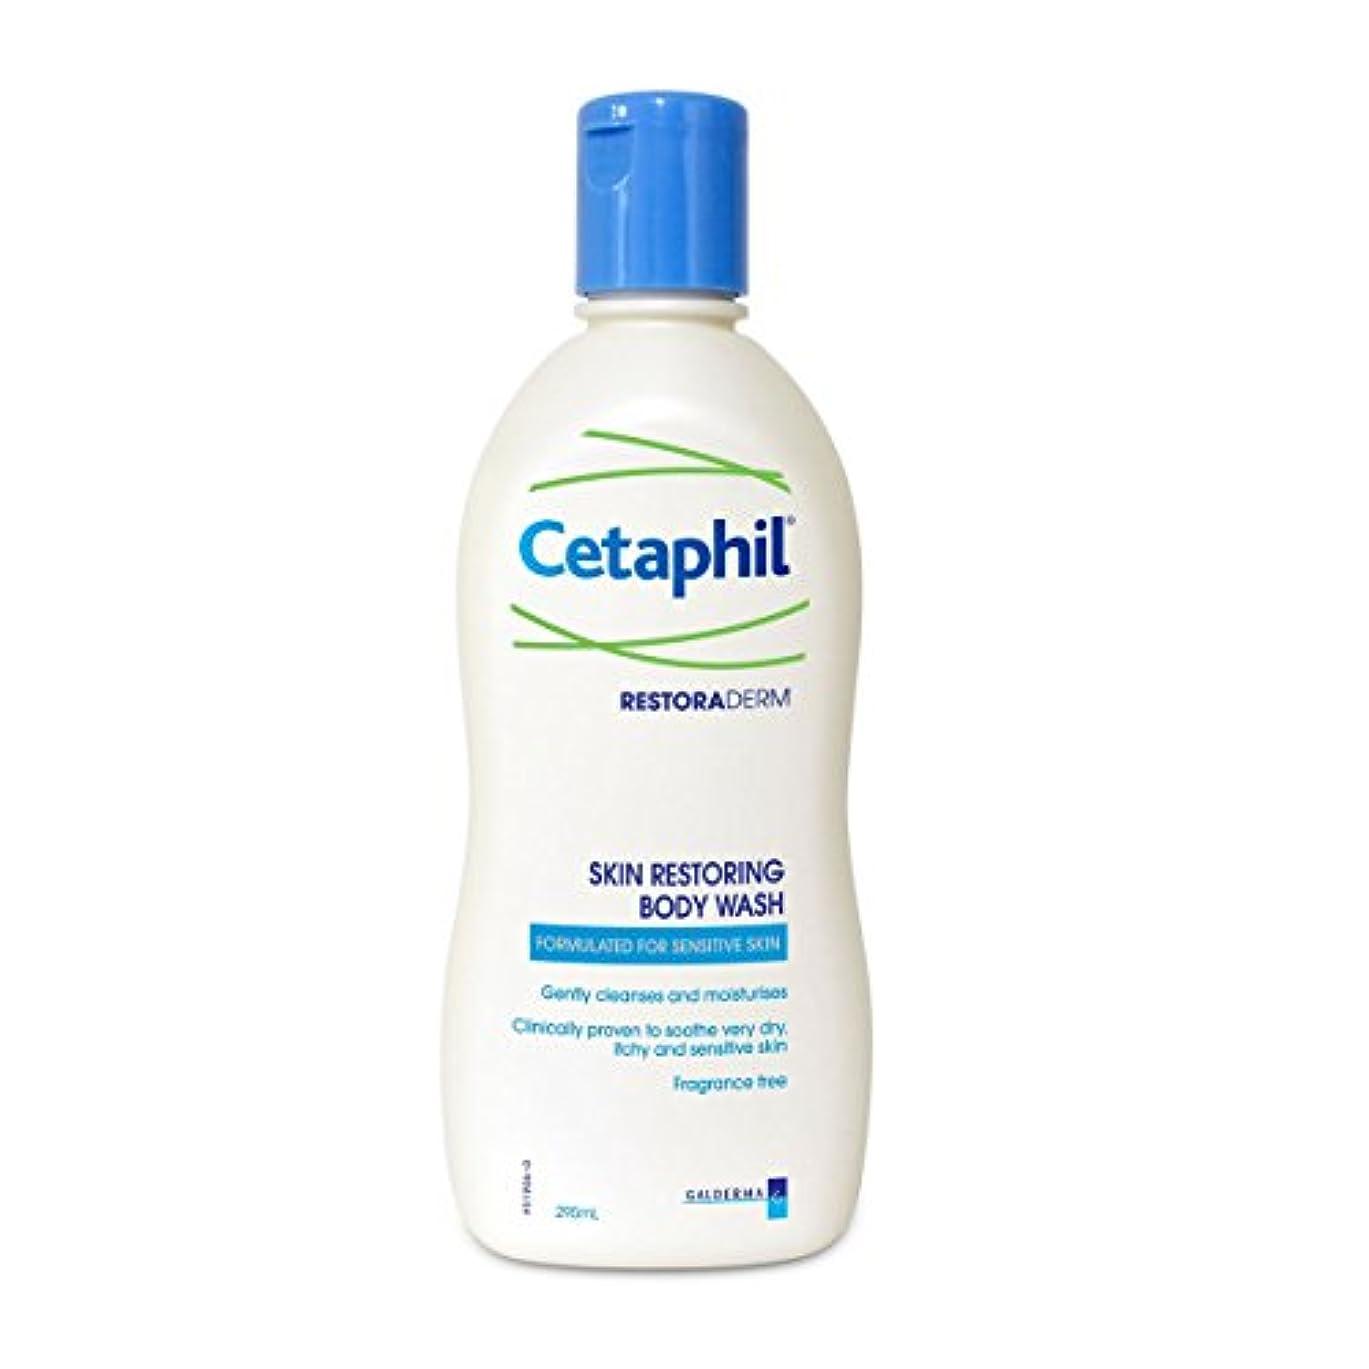 慣性共感するそれに応じてCetaphil Restoraderm Liquid Soap 295ml [並行輸入品]